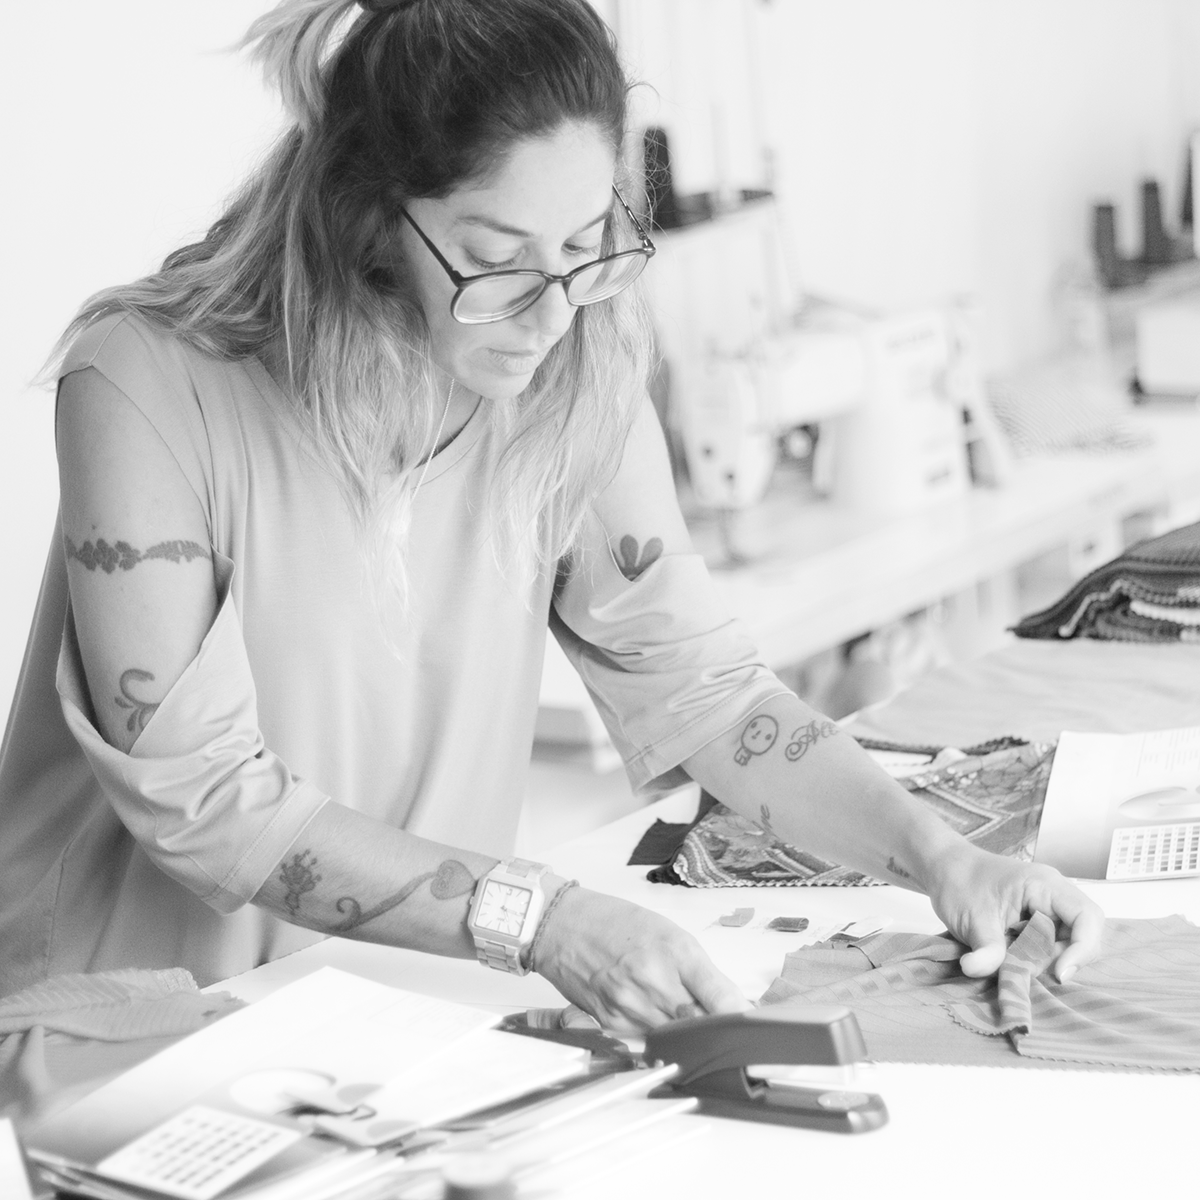 Marca slow fashion usa lonas e redes tirados do mar para criar coleção